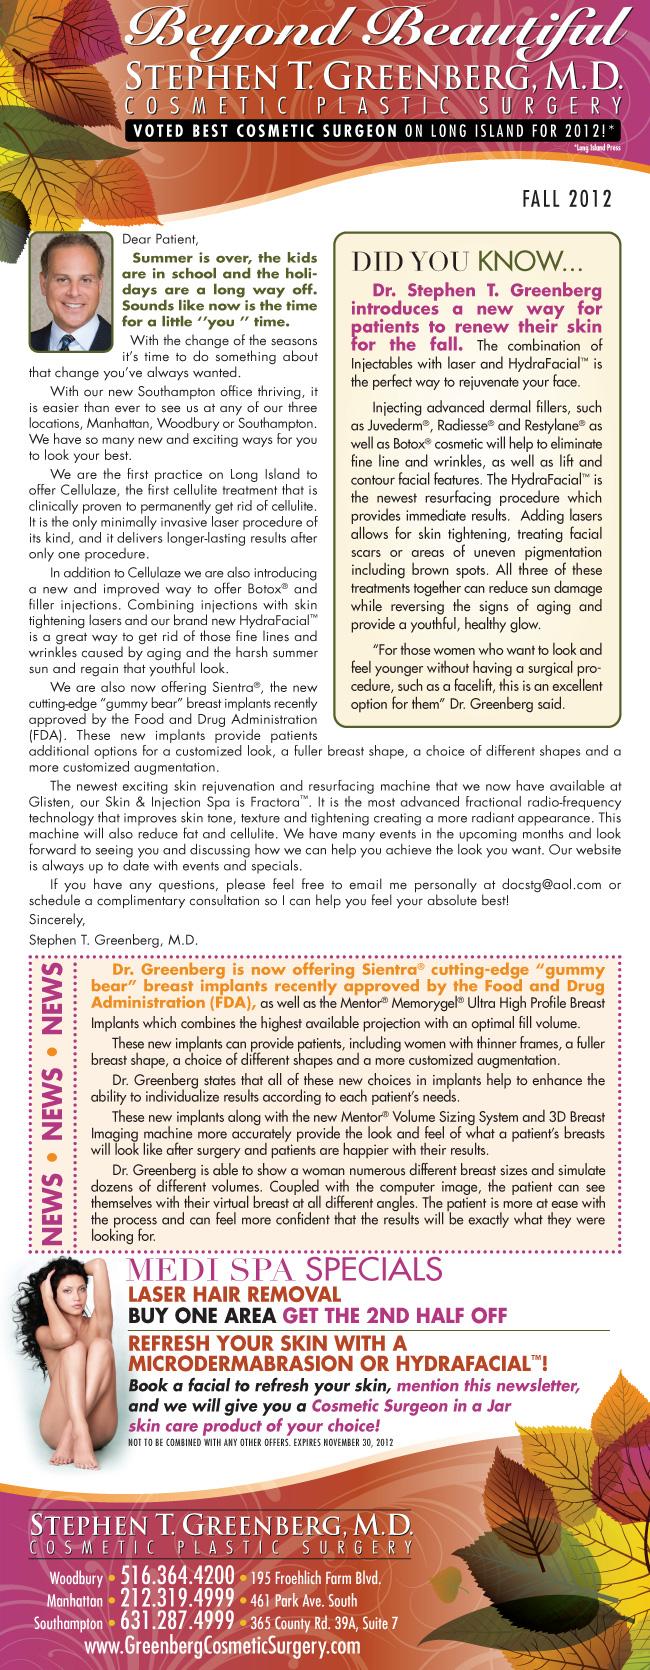 greenberg-newsletter-fall-2012.jpg